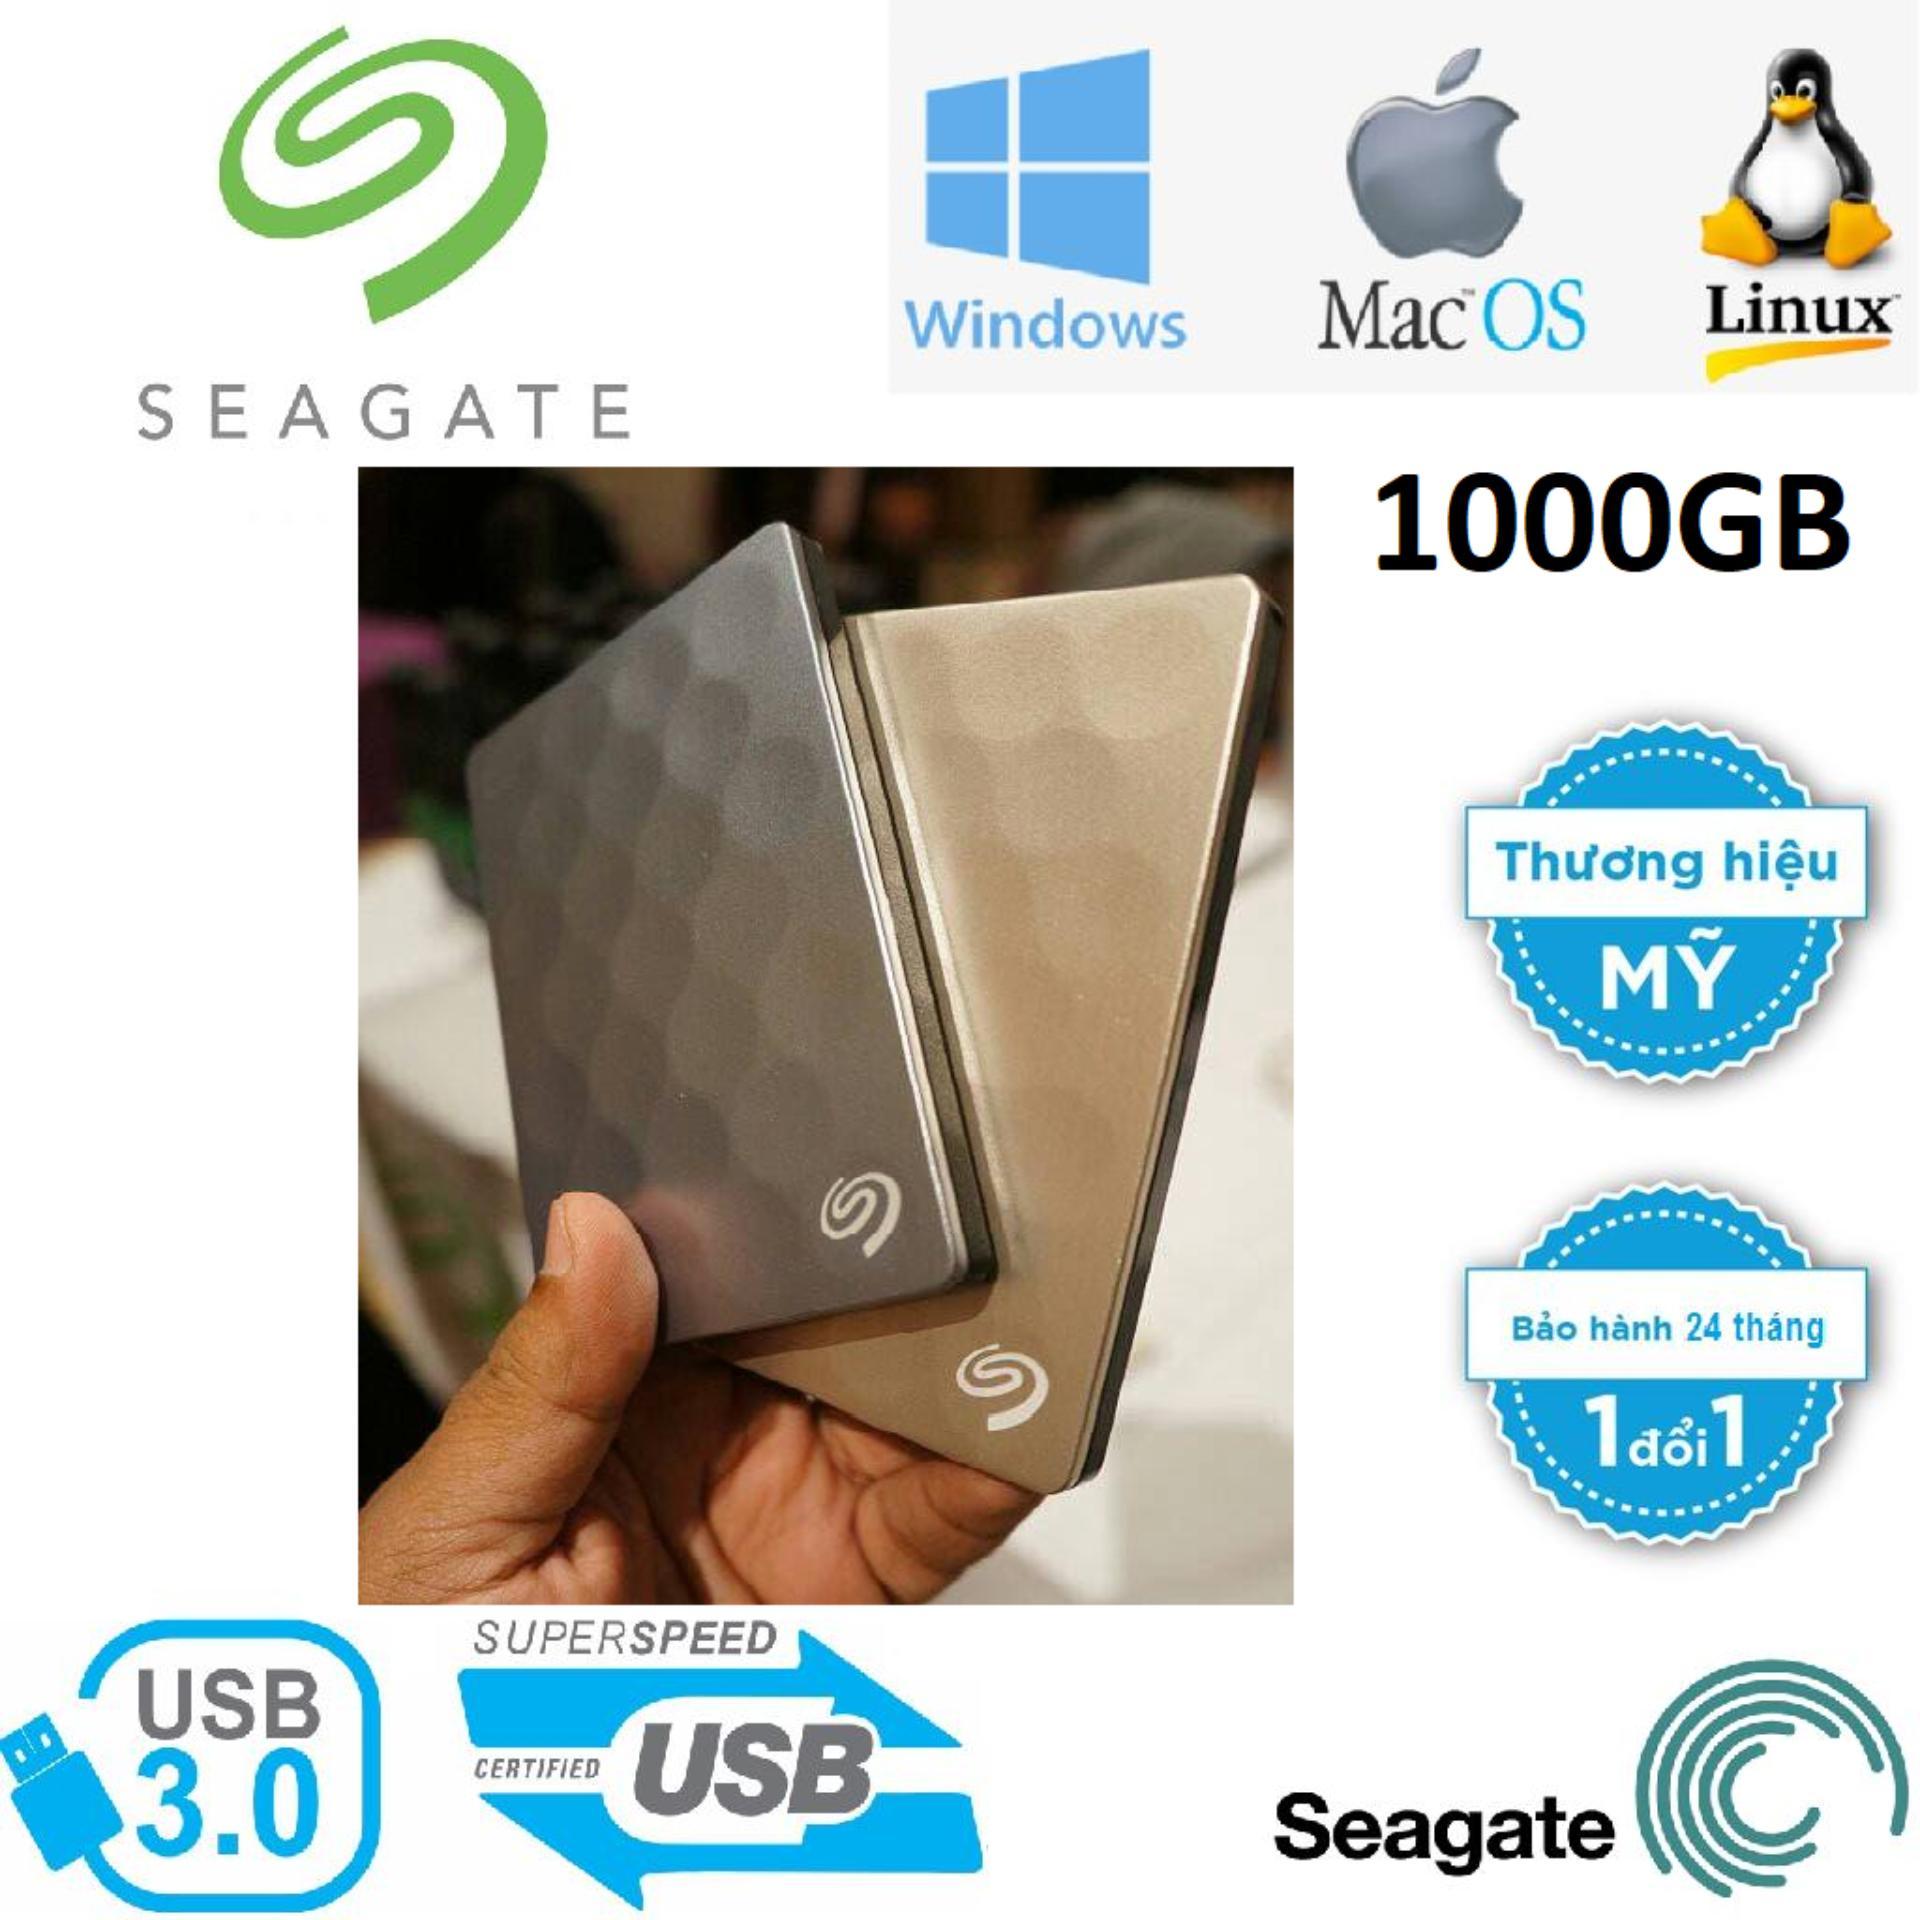 Ổ cứng di động HDD Seagate 1TB Backup Plus Ultra Slim Portable 2.5 Hàng Nhập Khẩu - Tặng bộ đôi đầu chuyển OTG MICRO USB-TYPE C,TÚI CHỐNG SỐC Bảo hành 24 tháng 1 đổi 1